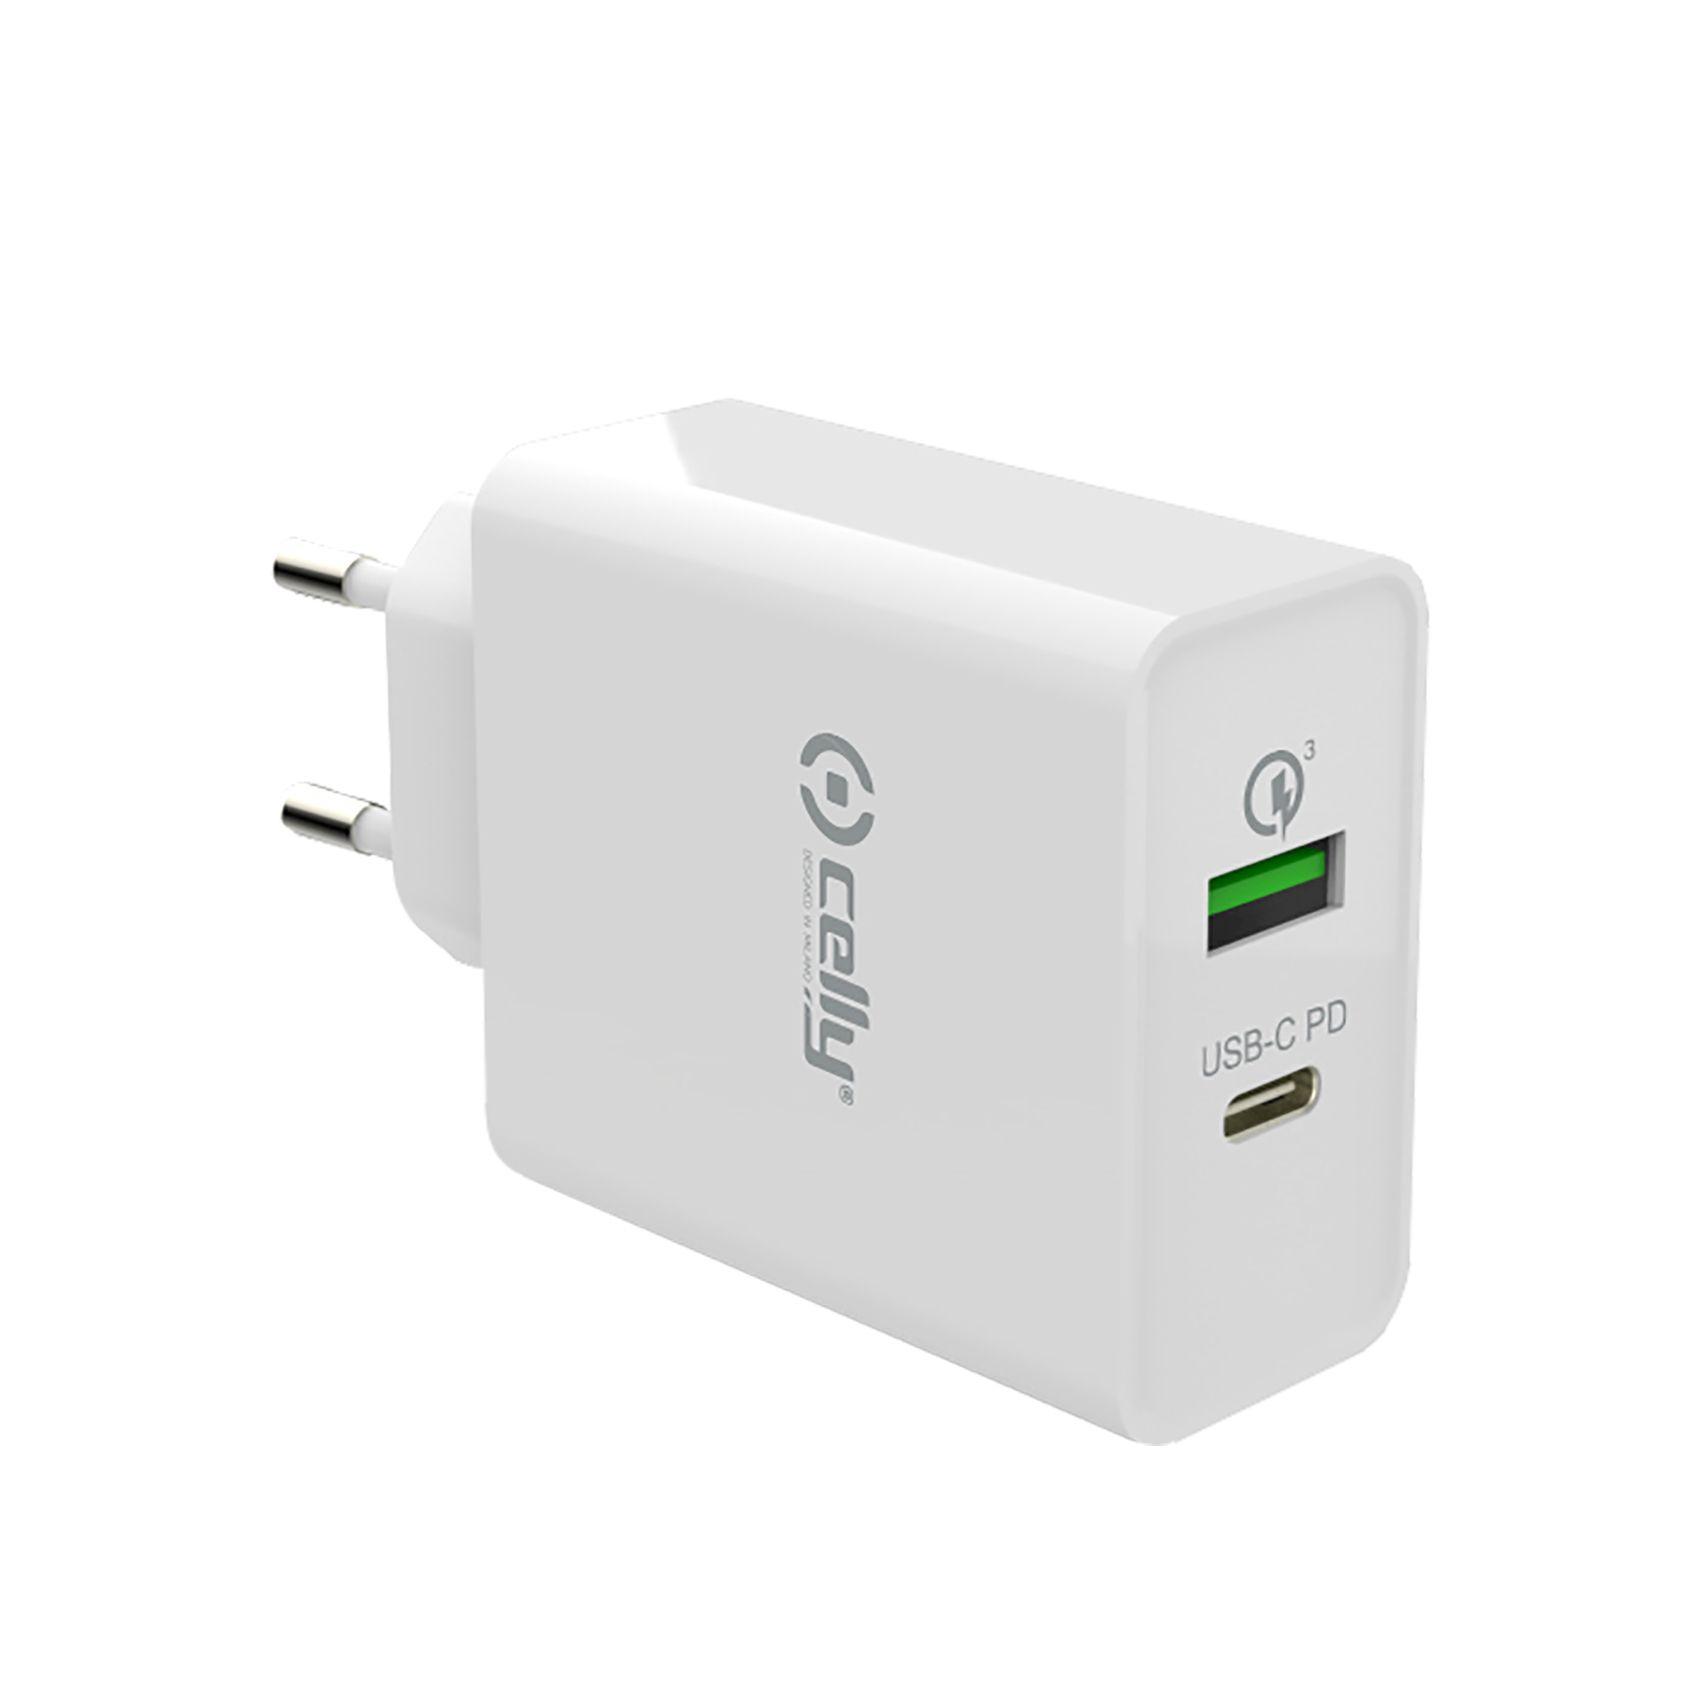 Cestovní nabíječka CELLY PRO POWER s USB-C (PD) a USB portem, Qualcomm Quick Charge 3.0, 18W max, bílá